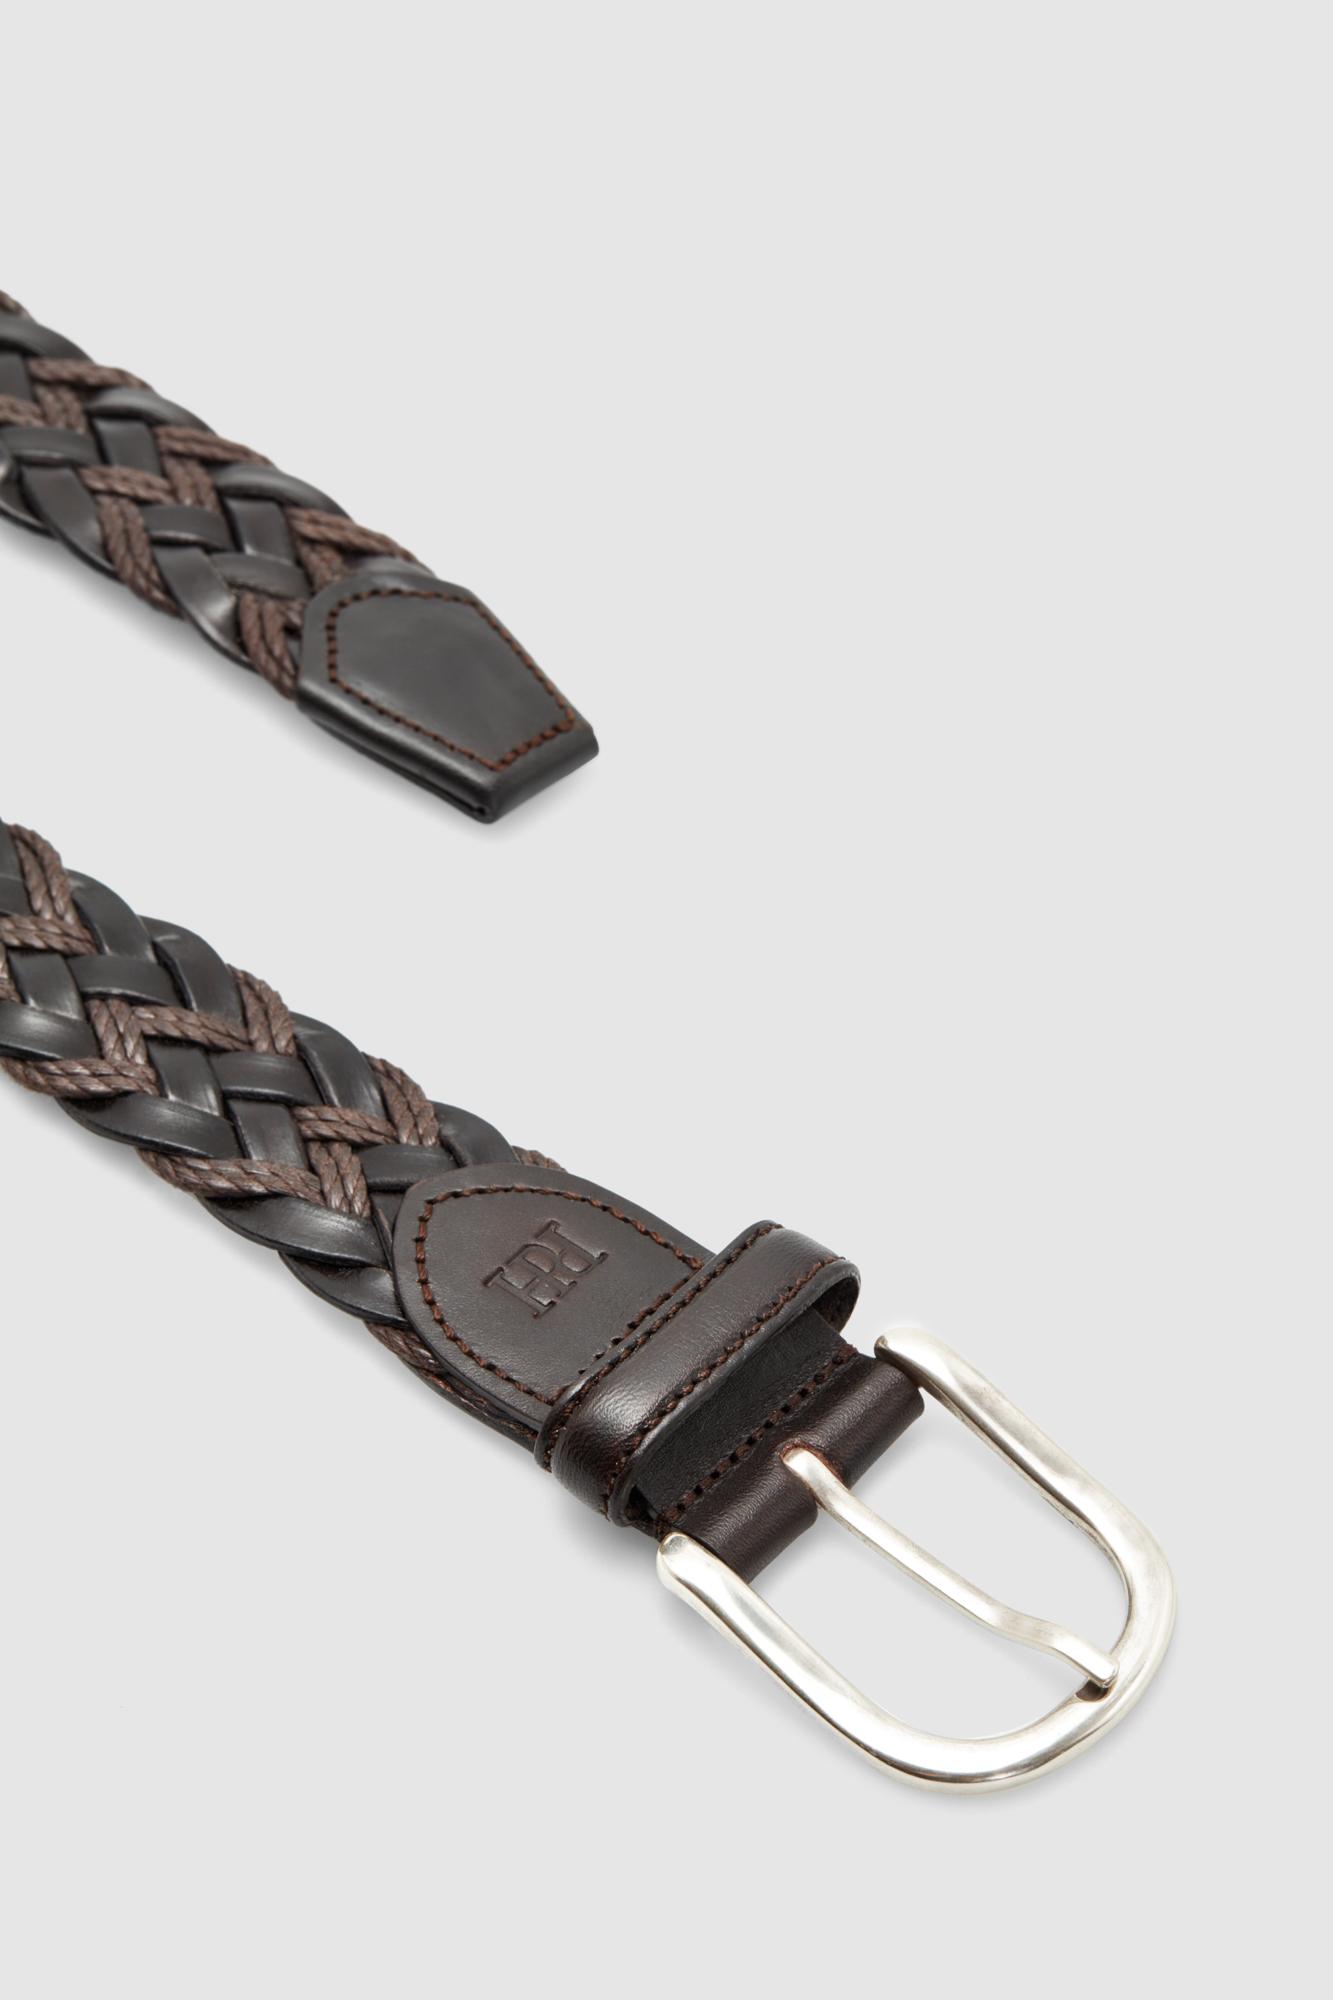 Cinturón trenzado piel cuerda  651f2544d561